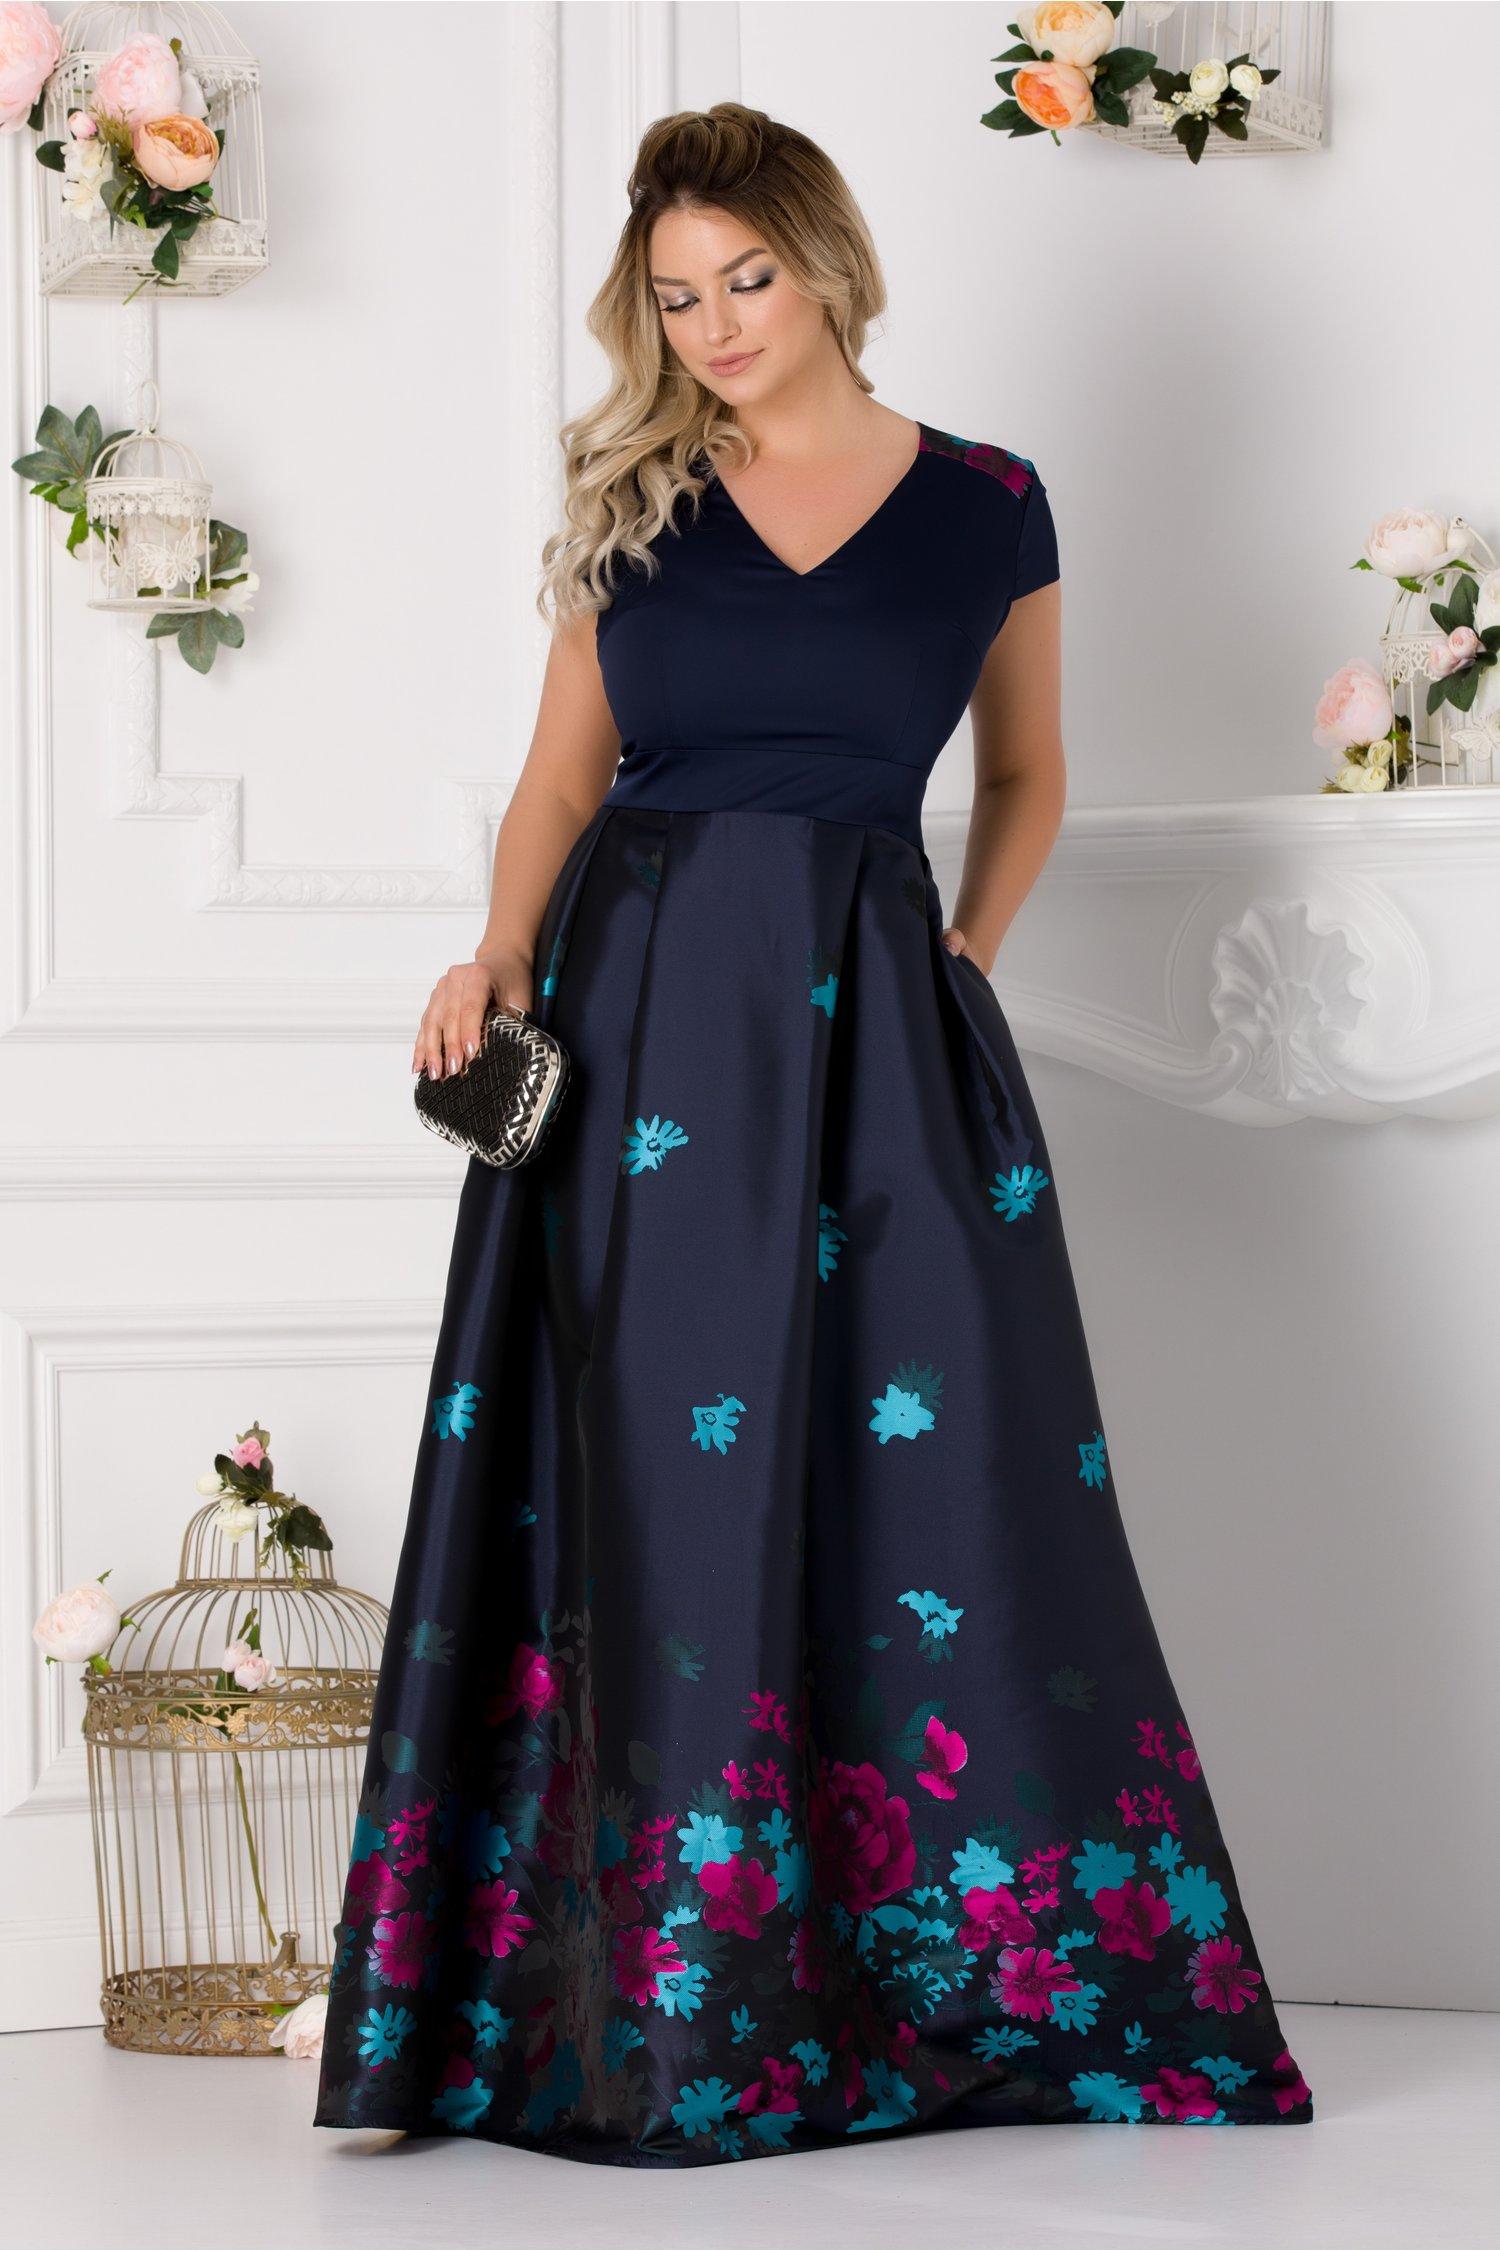 Rochie Rhona lunga bleumarin cu imprimeu floral colorat